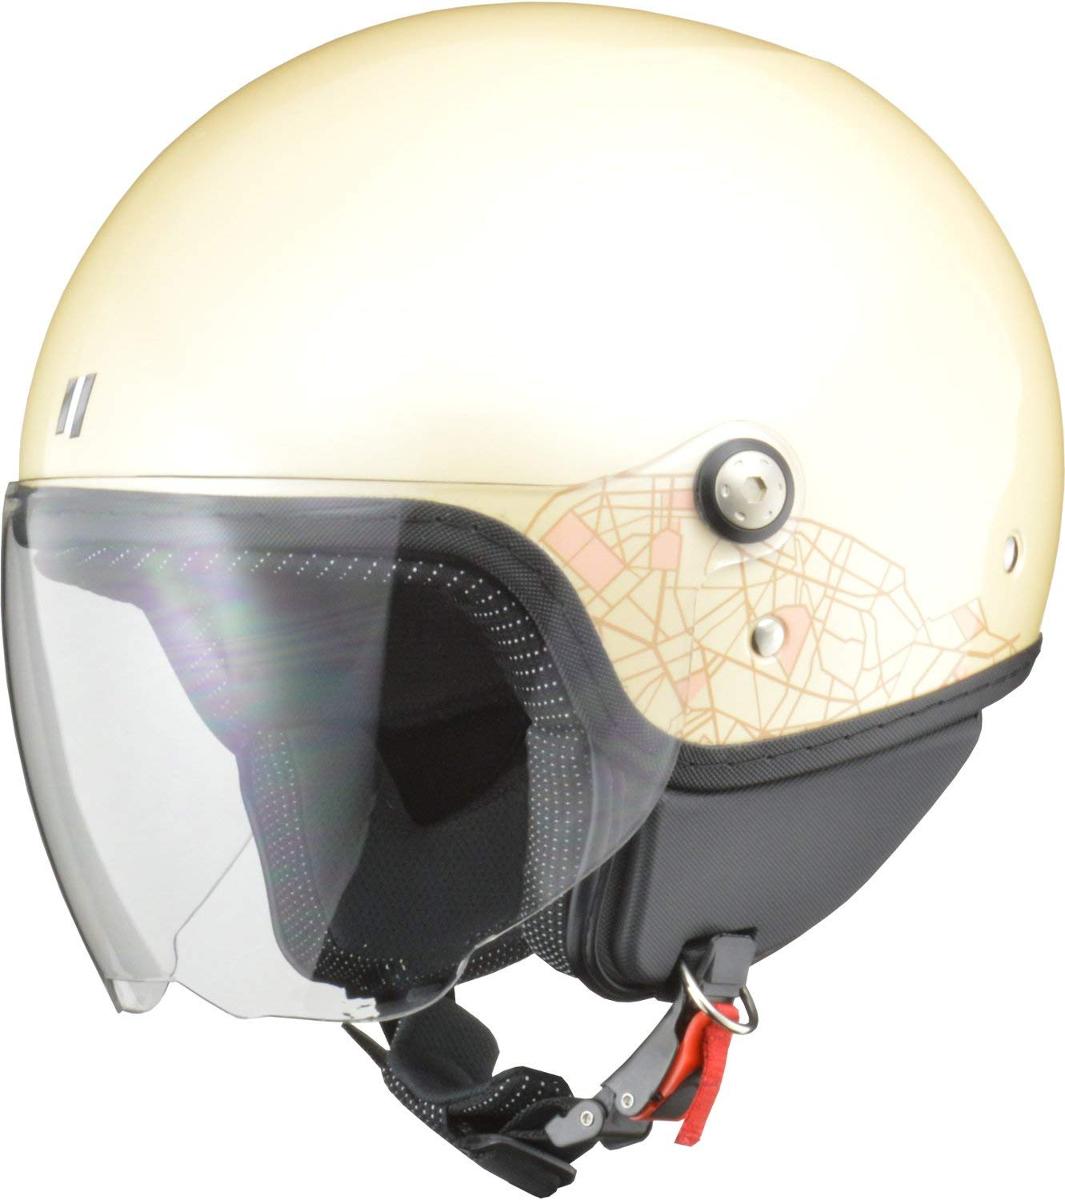 リード工業 ジェットヘルメット PALIO (パリオ) アイボリー レディースフリーサイズ (55-57cm未満)